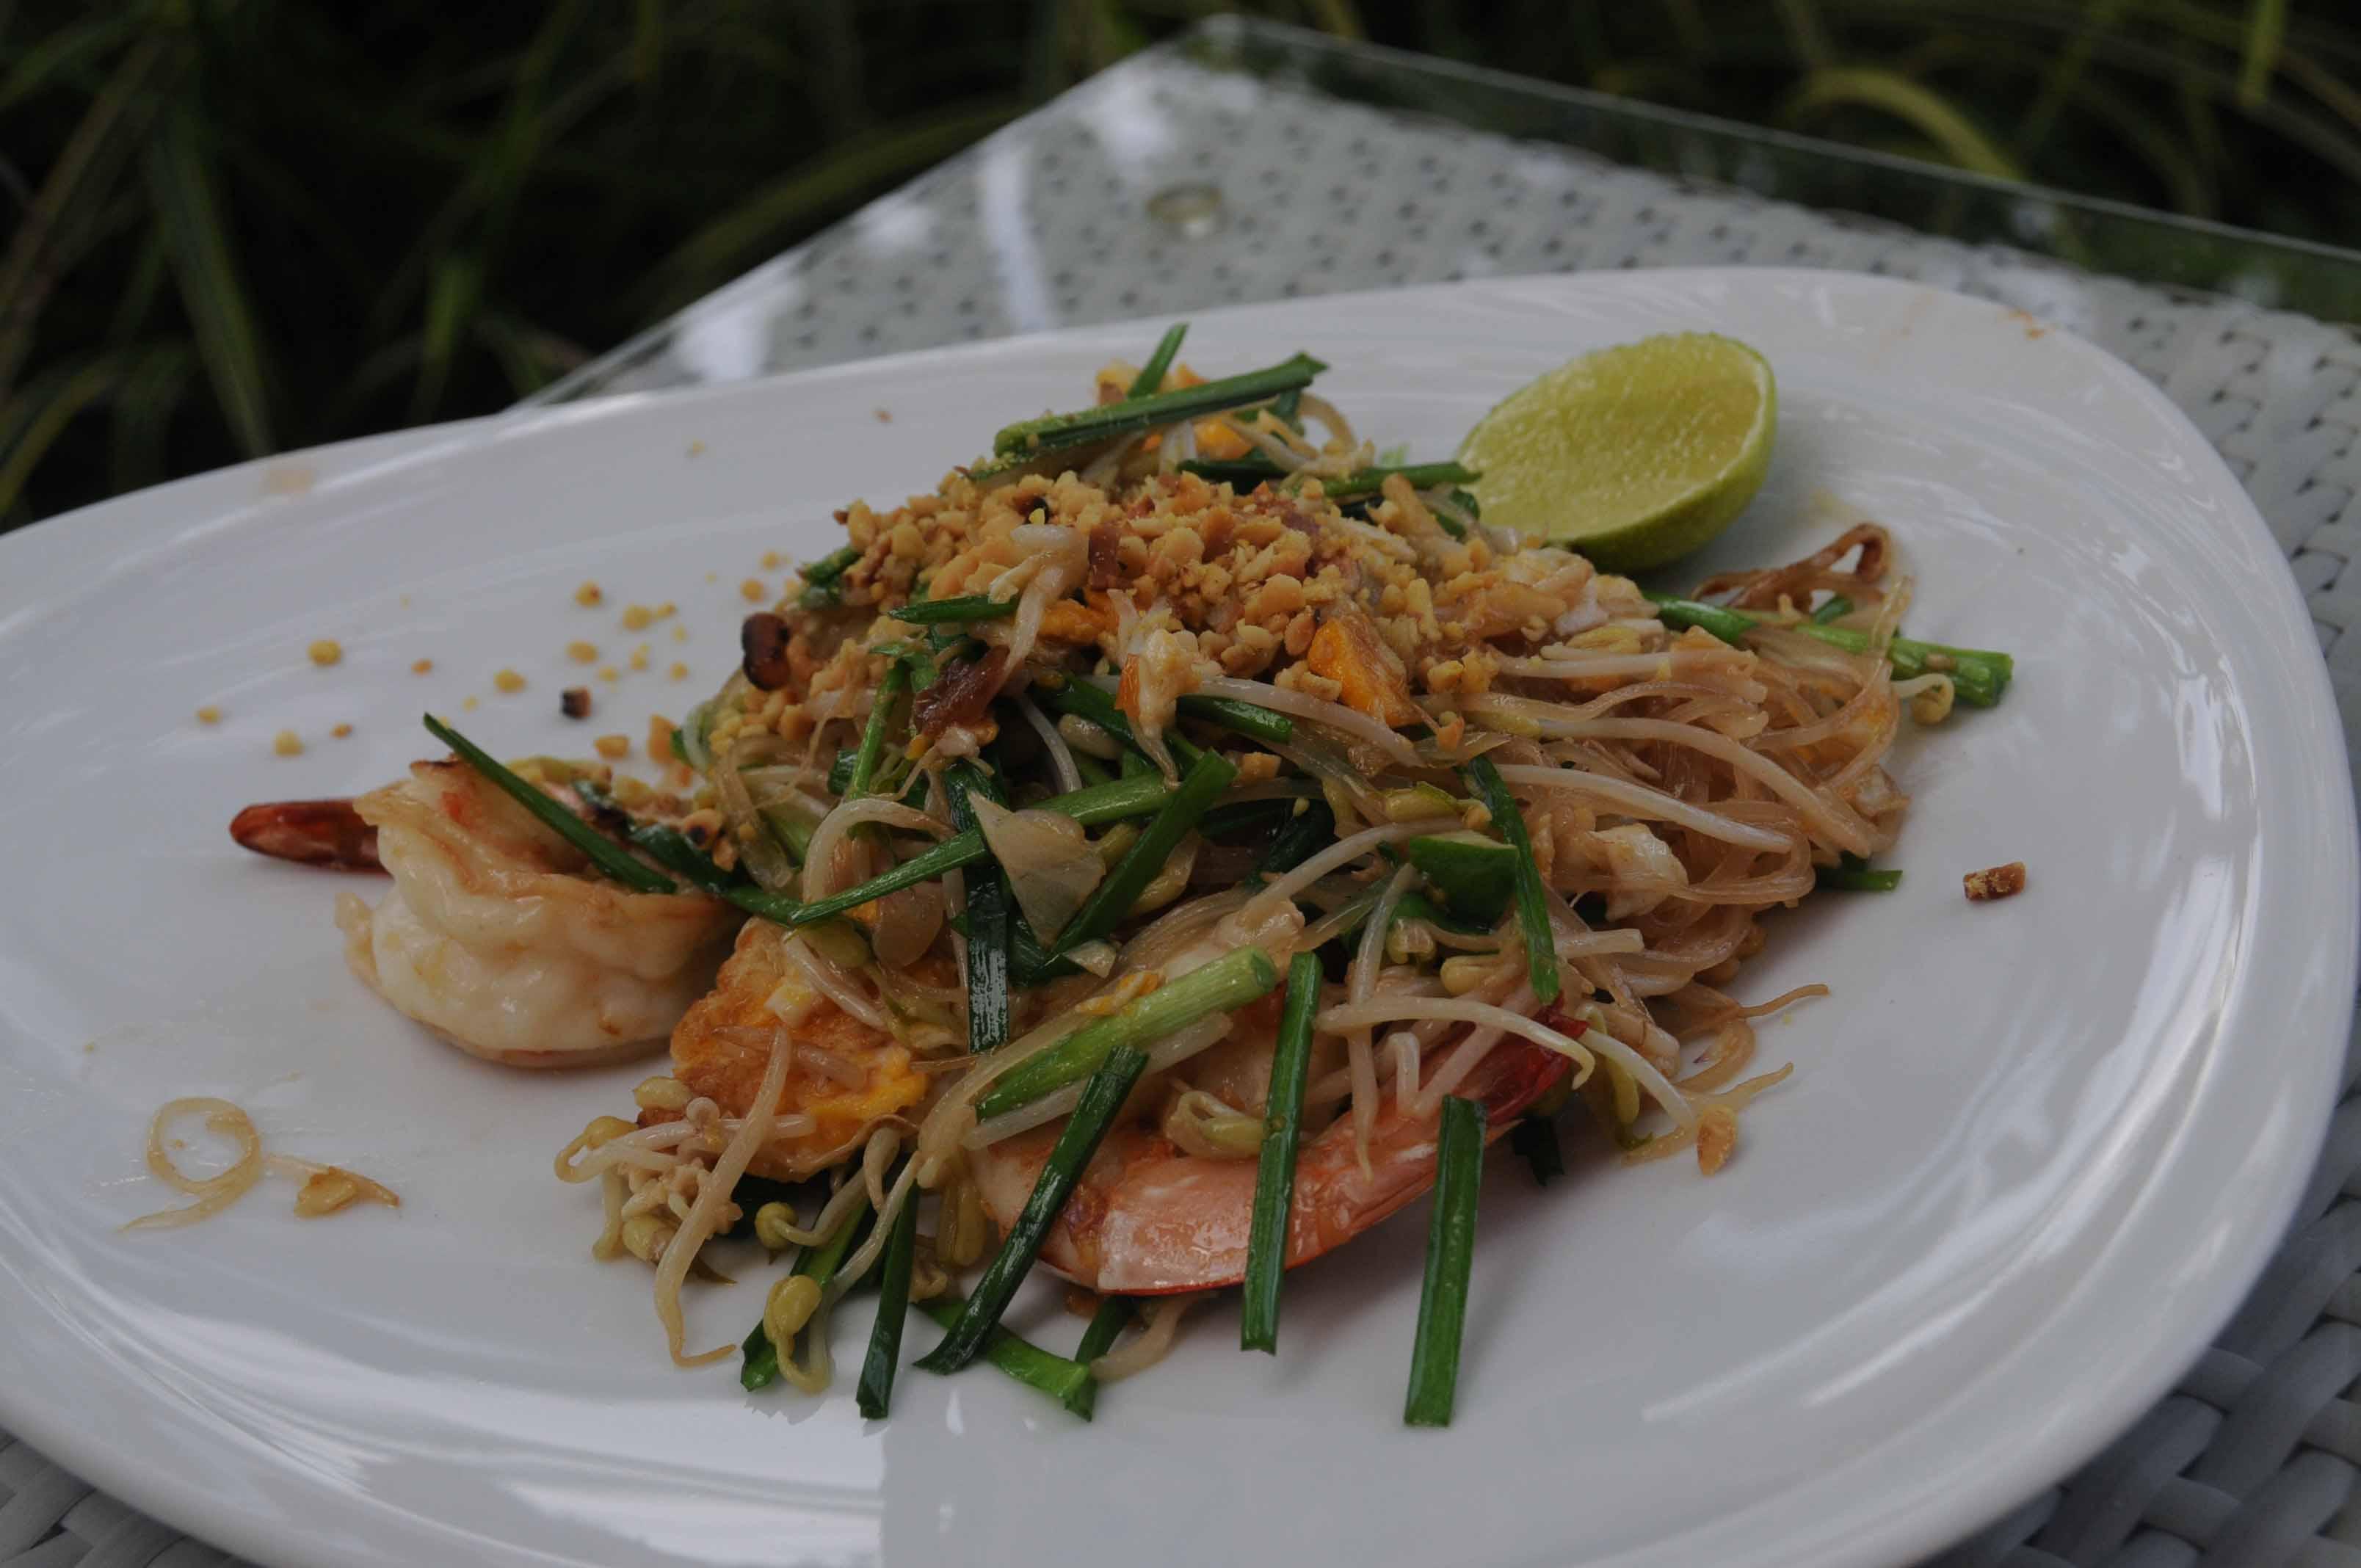 Cuisine asiatique - Cuisine thaïe